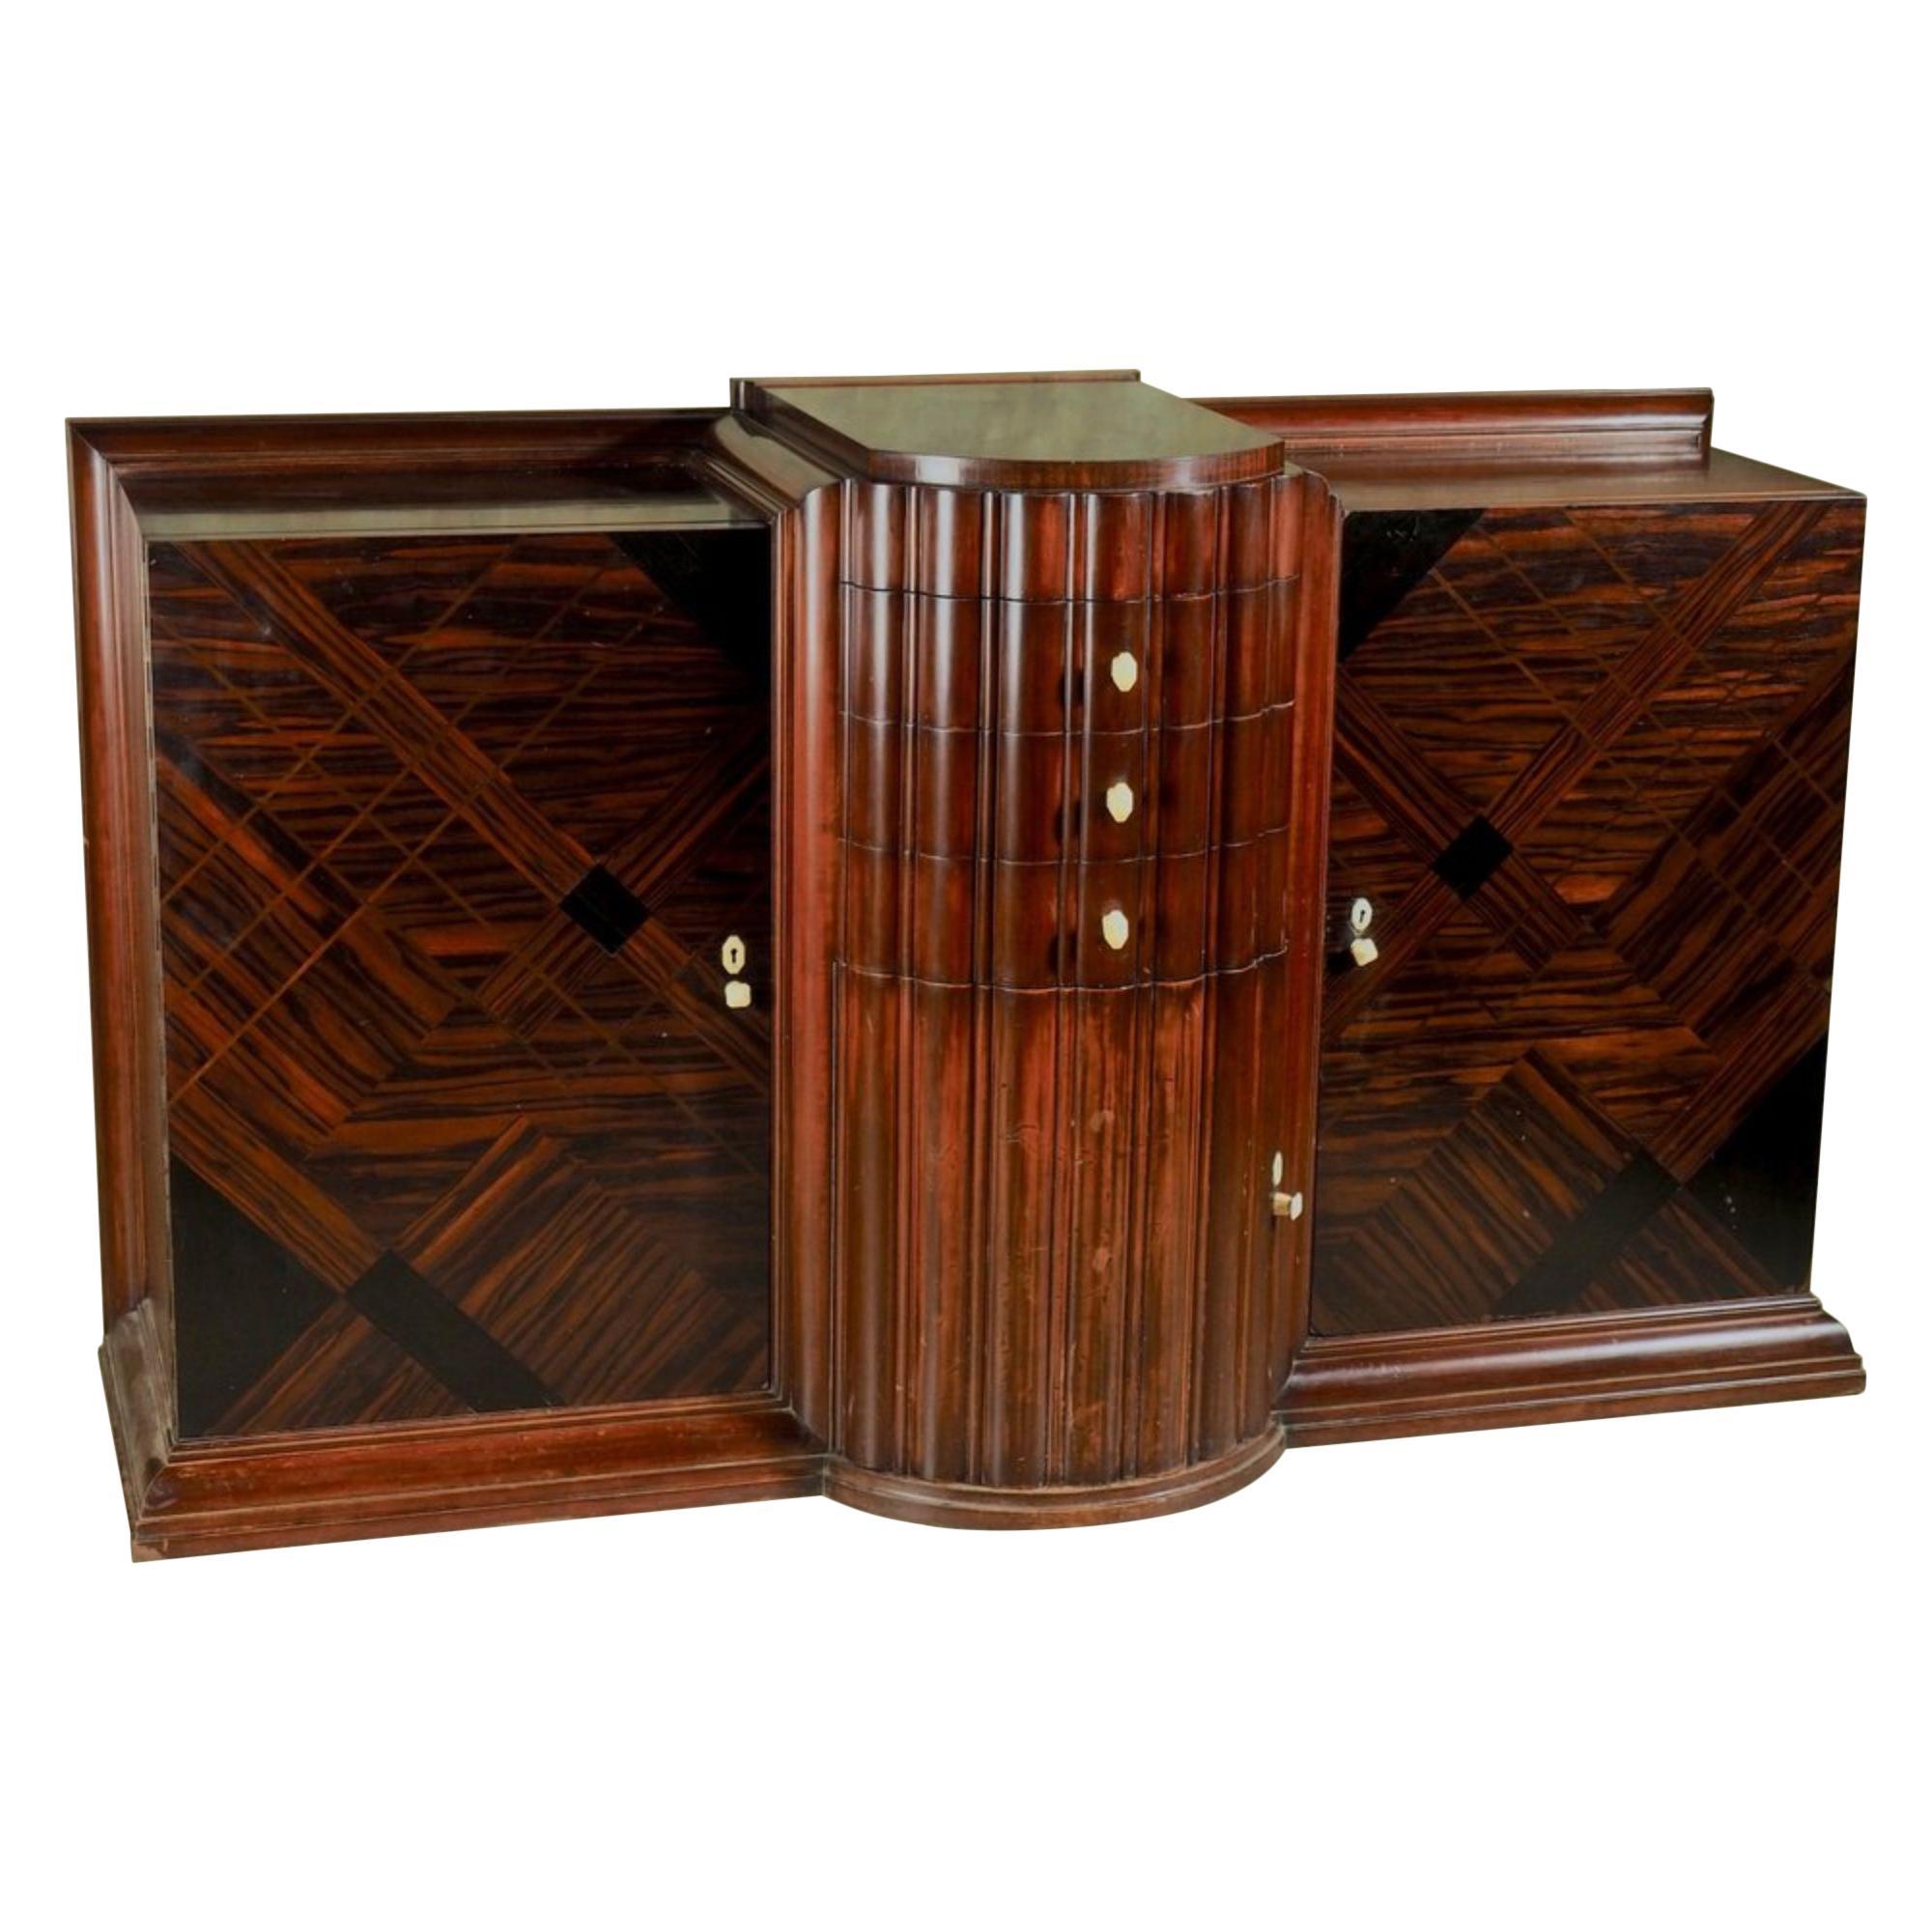 DIM 'Joubert et Petit' 1926 Modernist Cabinet